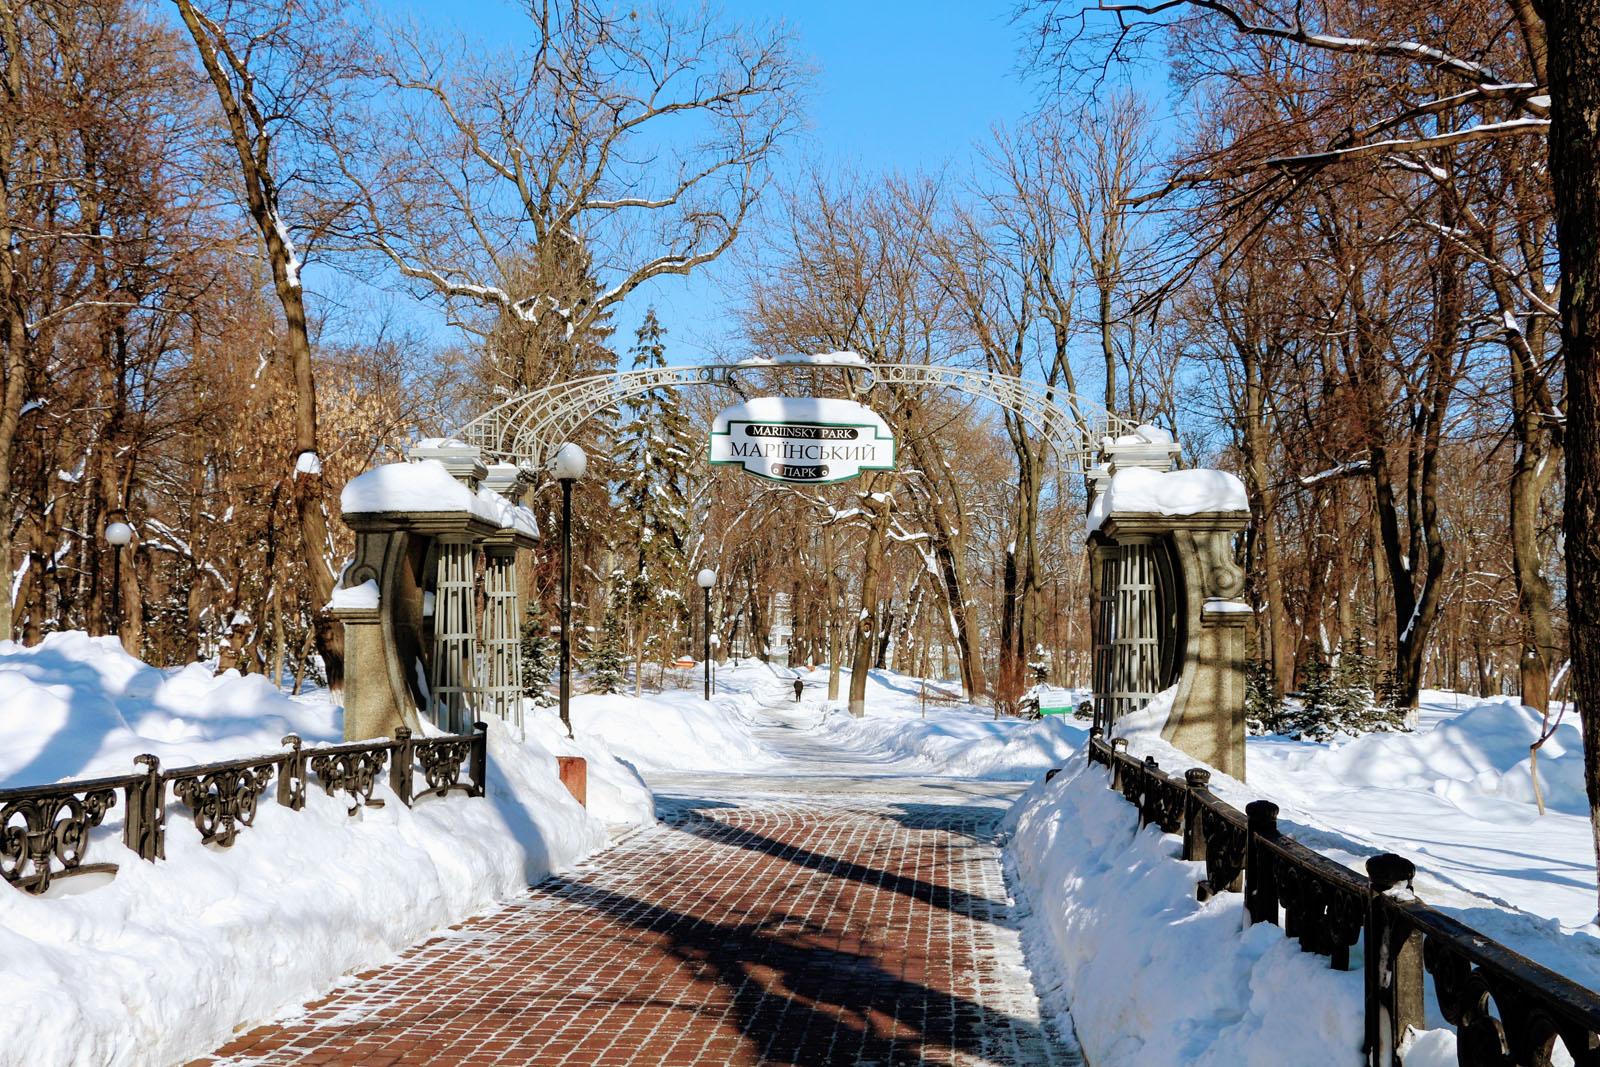 Marijinskyj Park in Kyiv